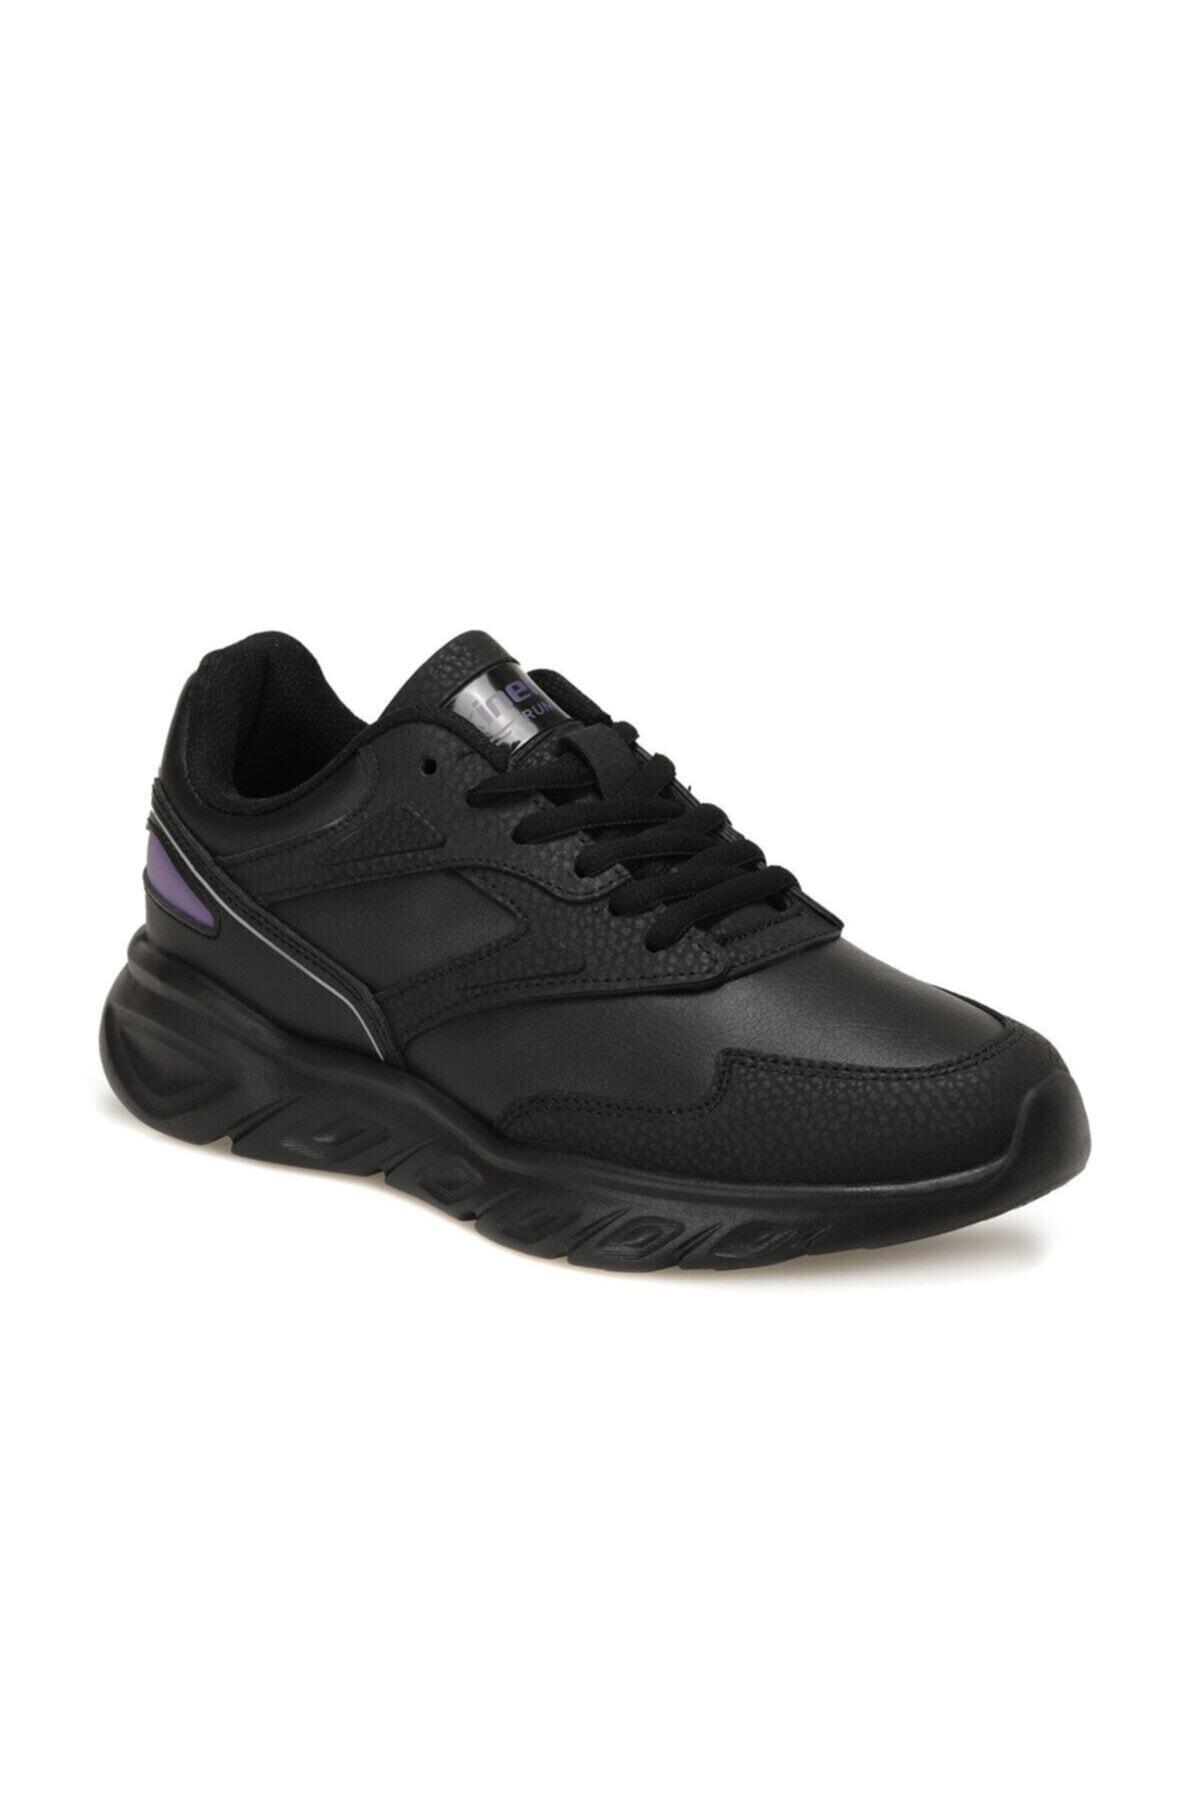 کفش مخصوص دویدن زنانه پارچه  برند کینتیکس kinetix رنگ مشکی کد ty50764286